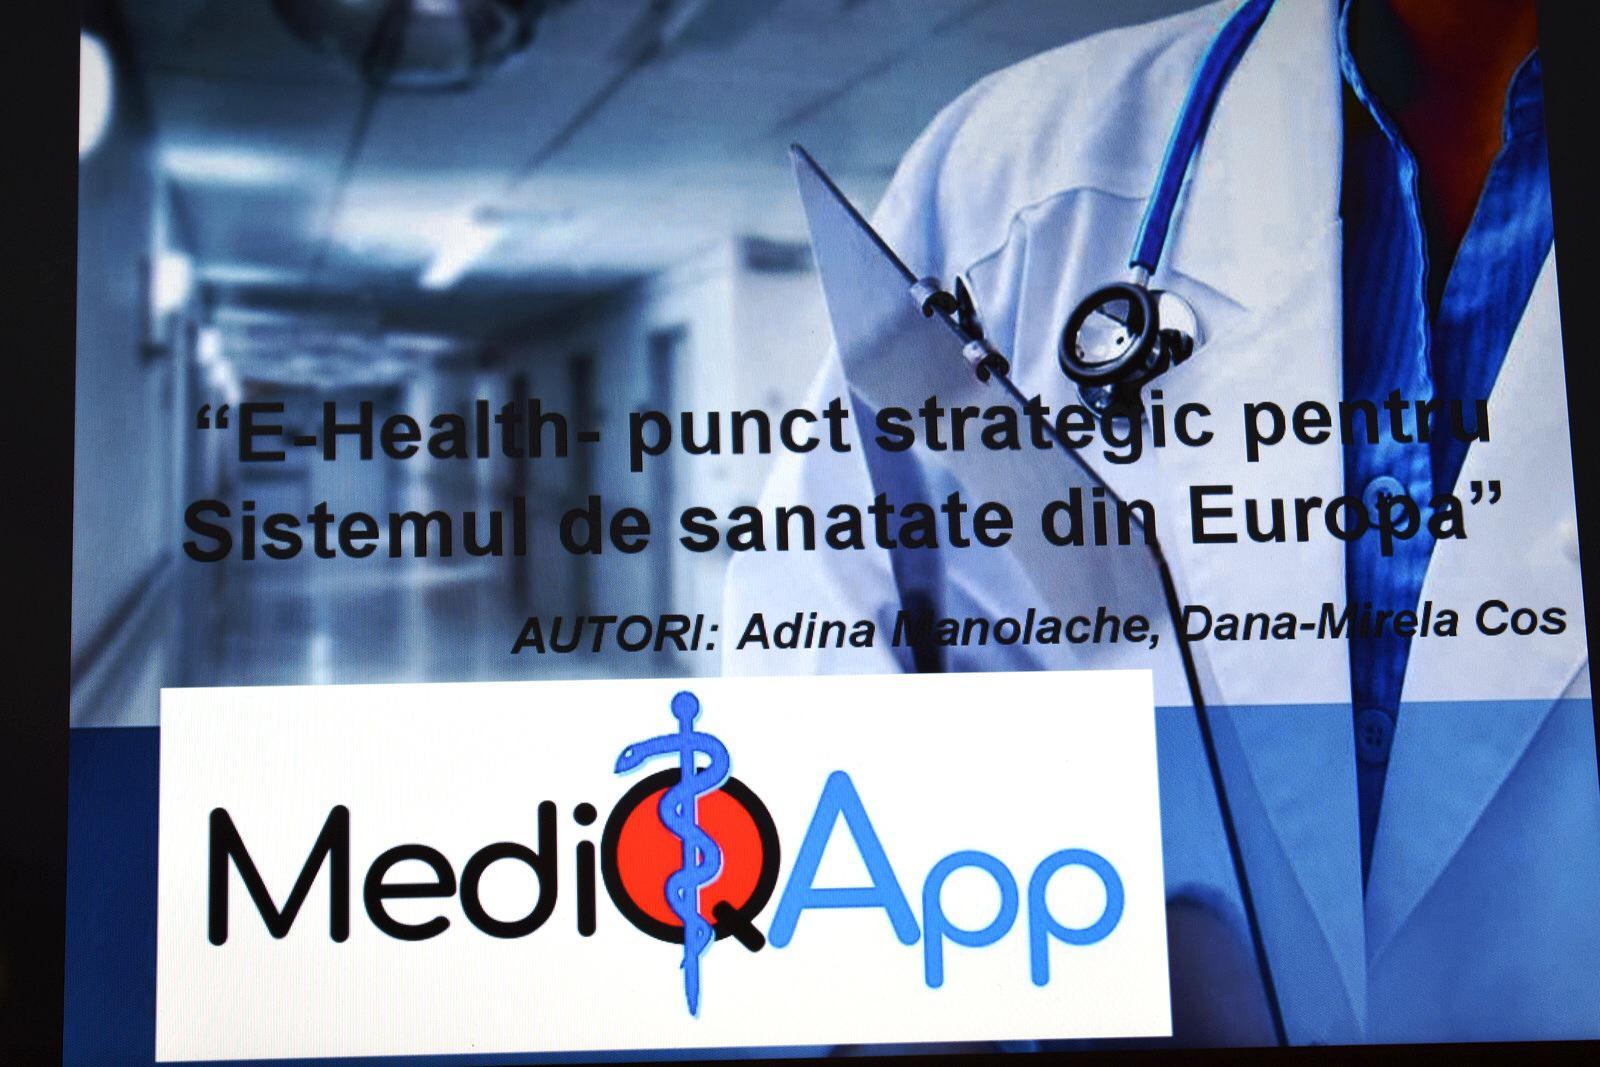 MediQApp